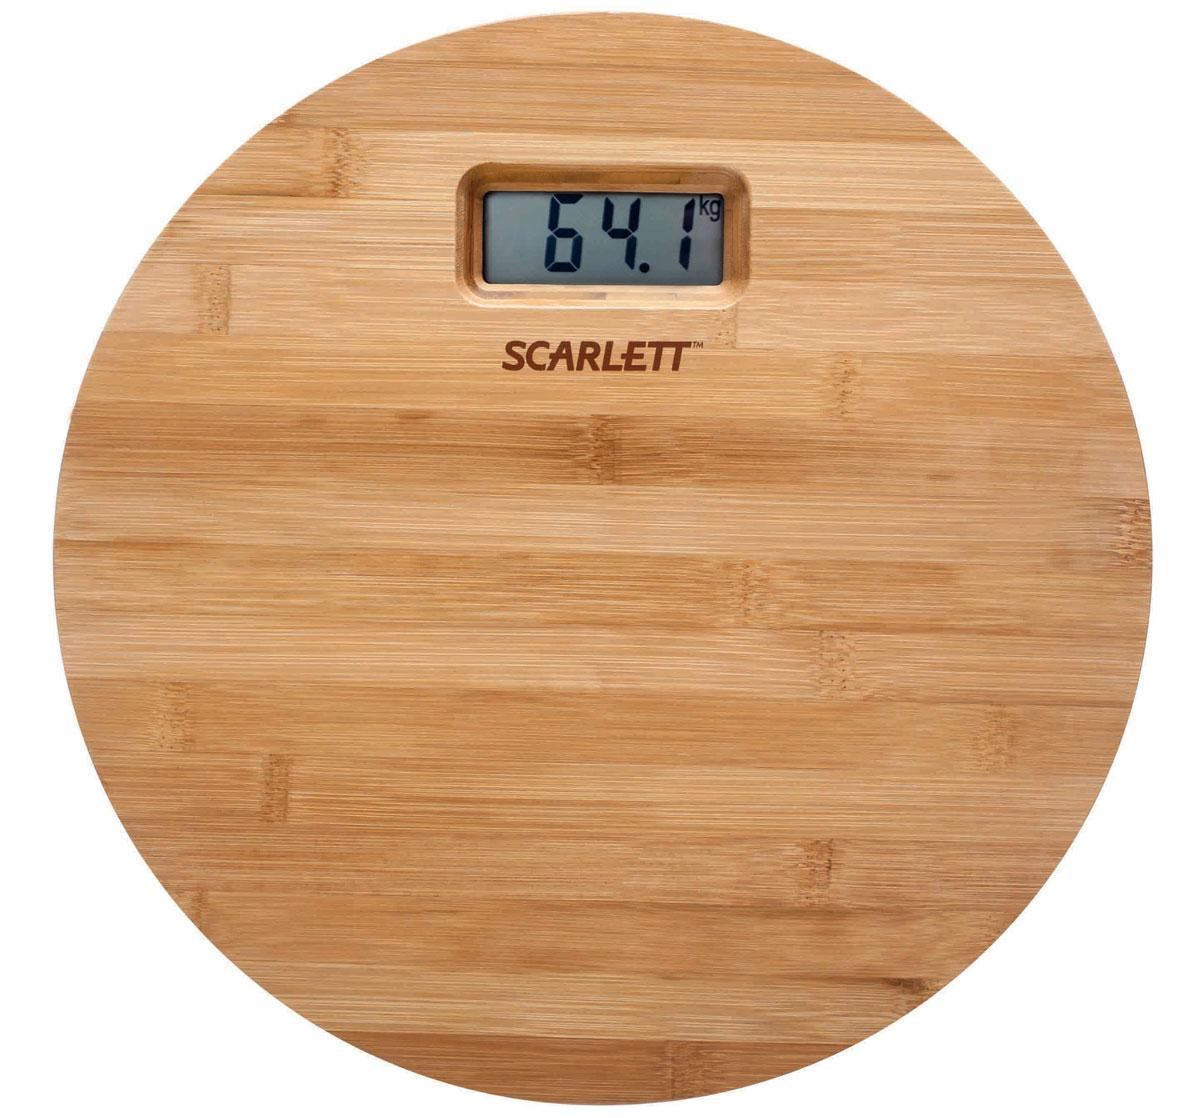 Scarlett SC-BS33E061, Bamboo весы напольныеSC-BS33E061Напольные весы Scarlett SC-BS33E061 имеют уникальный дизайн деревянной платформы. Это простой и удобный способ контролировать свой вес. Максимальная нагрузка на данную модель может составлять 180 кг. При перегрузе загорится предупреждающий сигнал. Также специальная индикация сообщит пользователям о необходимости замены элемента питания. Чтобы весы начали работать, достаточно просто встать на них. После взвешивания прибор отключится самостоятельно. Высокочувствительные датчики Индикатор перегрузки Индикатор батарейки Цифровой жидкокристаллический дисплей Прорезиненные ножки